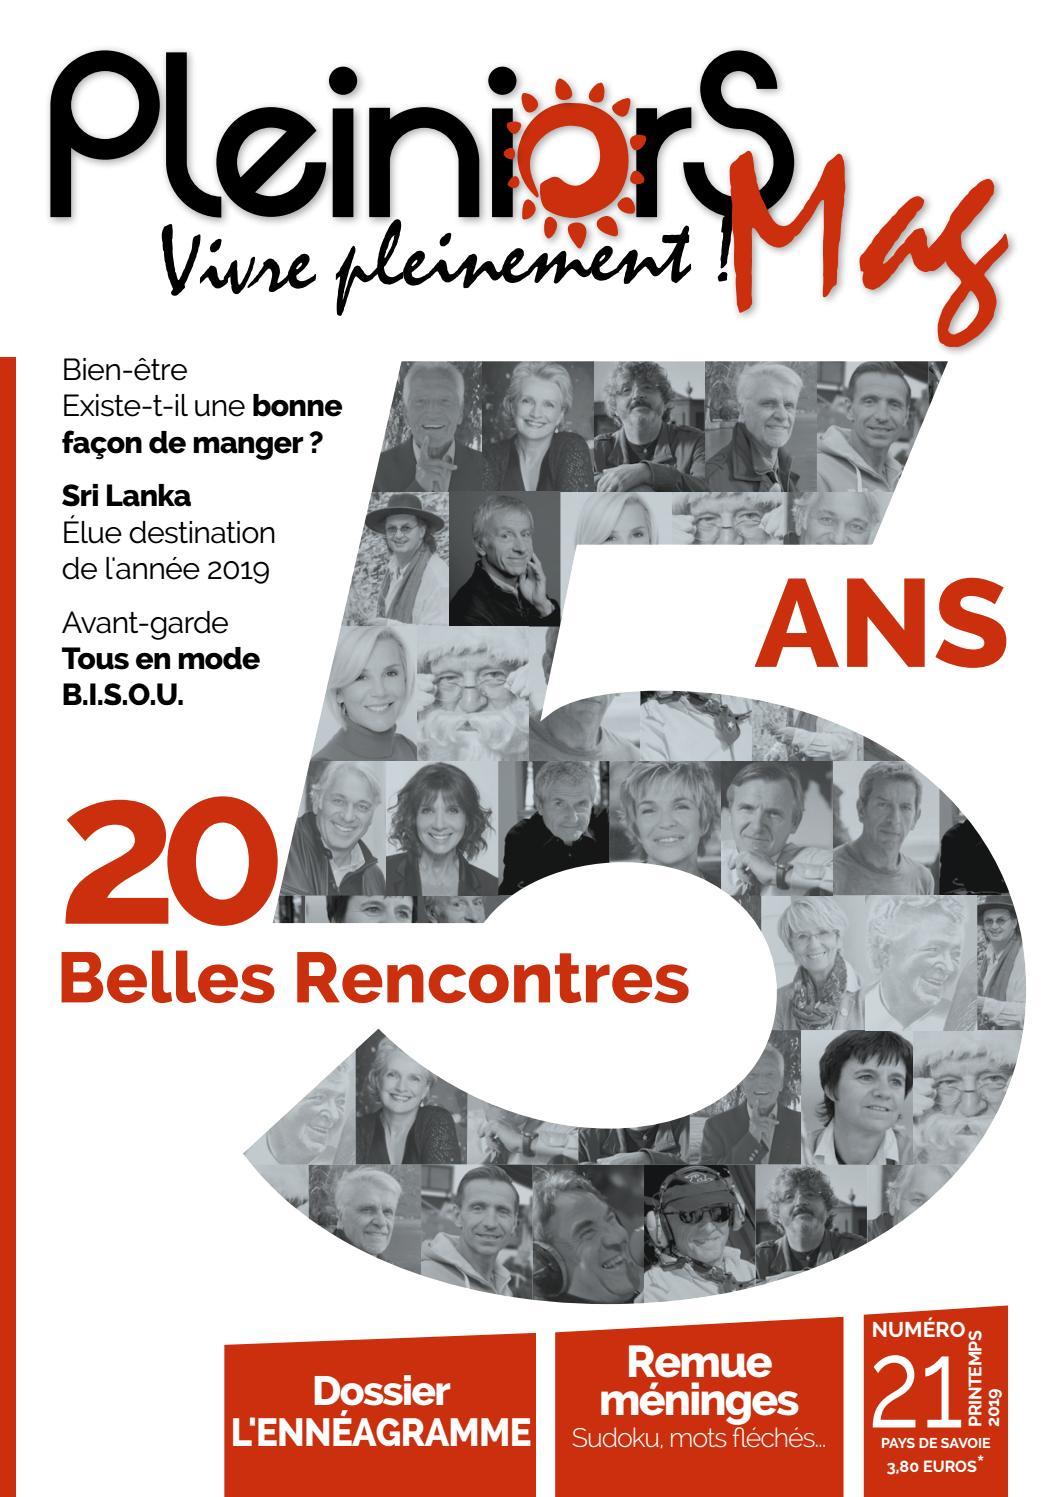 Breden Hélène Issuu Mag PleinementBy N°21 Pleiniors Vivre DI2EH9